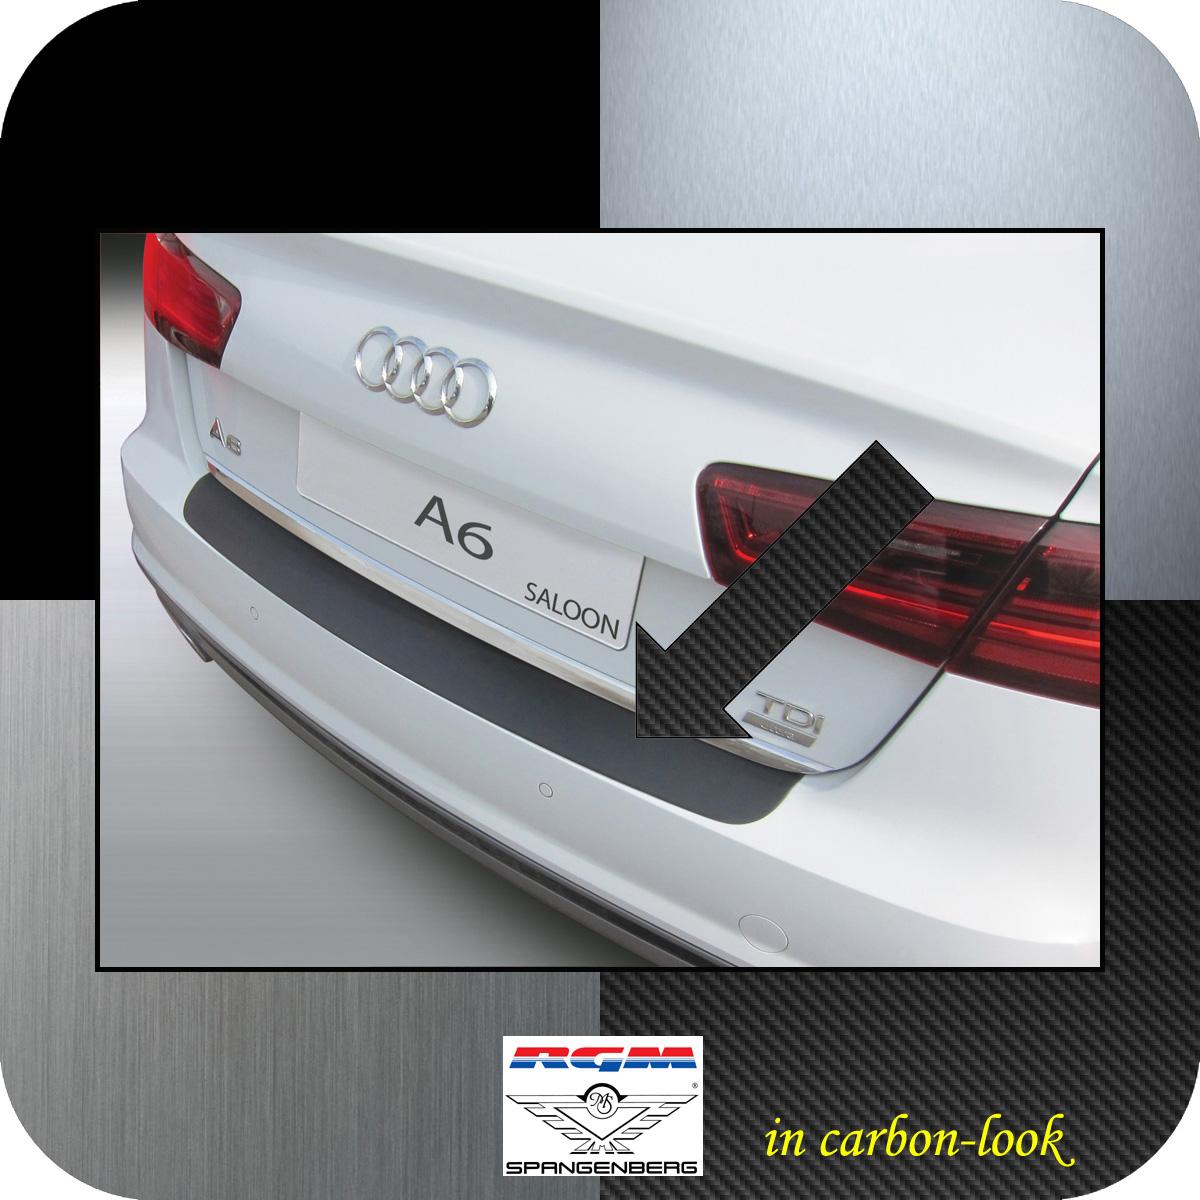 Ladekantenschutz Carbon-Look Audi A6 Limousine C7 Baujahre 1.2011-5.2016 3509989